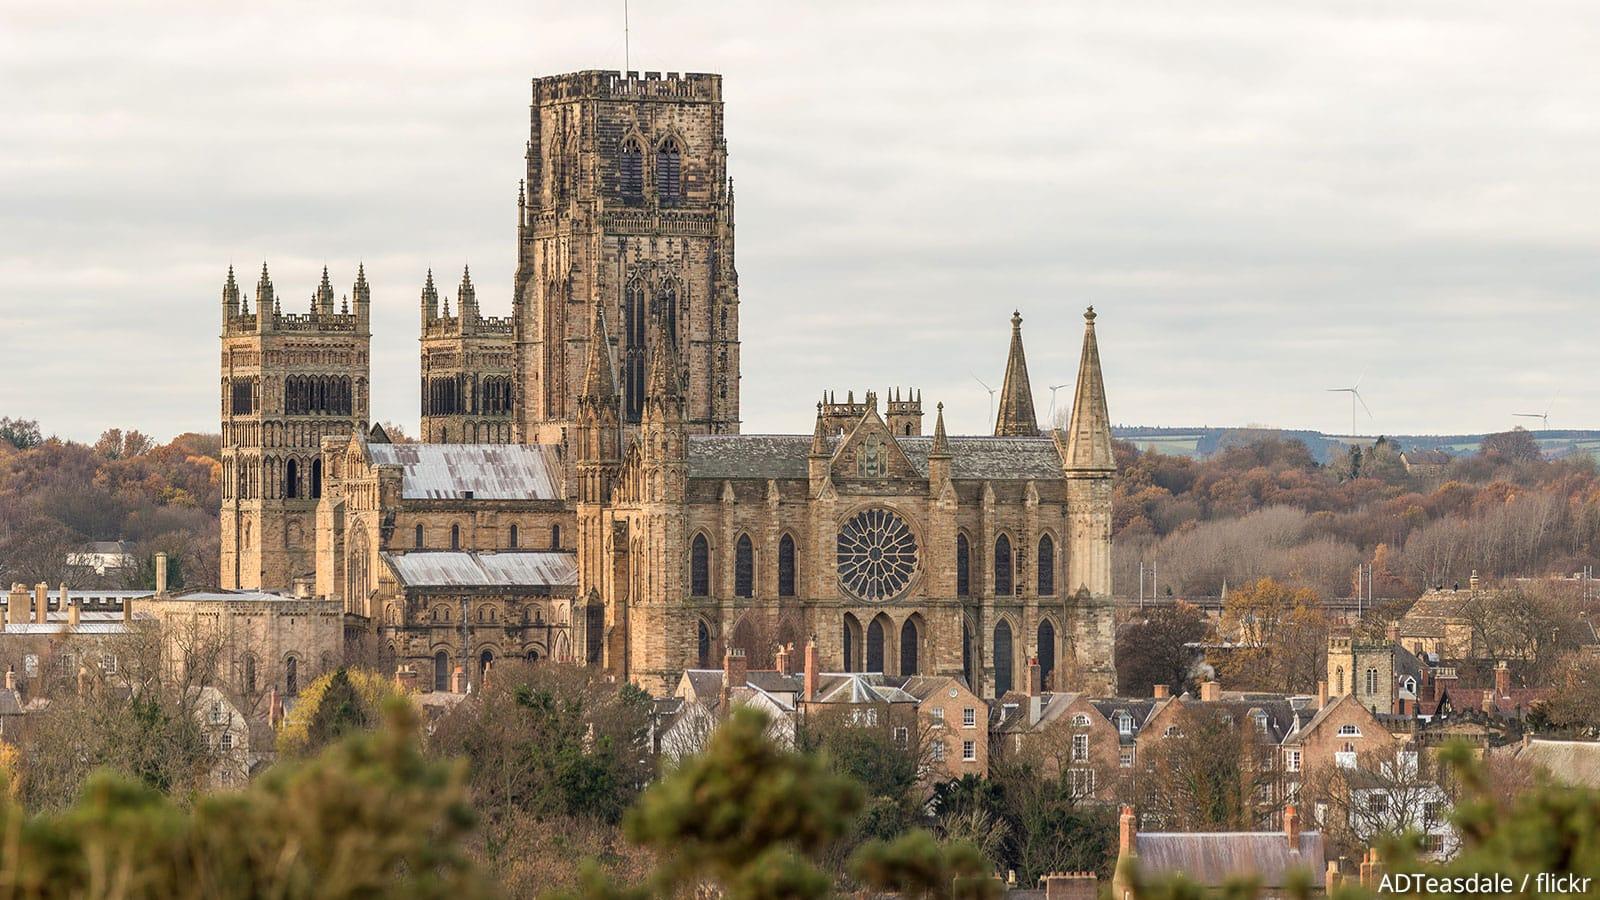 katedral gaya gothic di kota durham, inggris